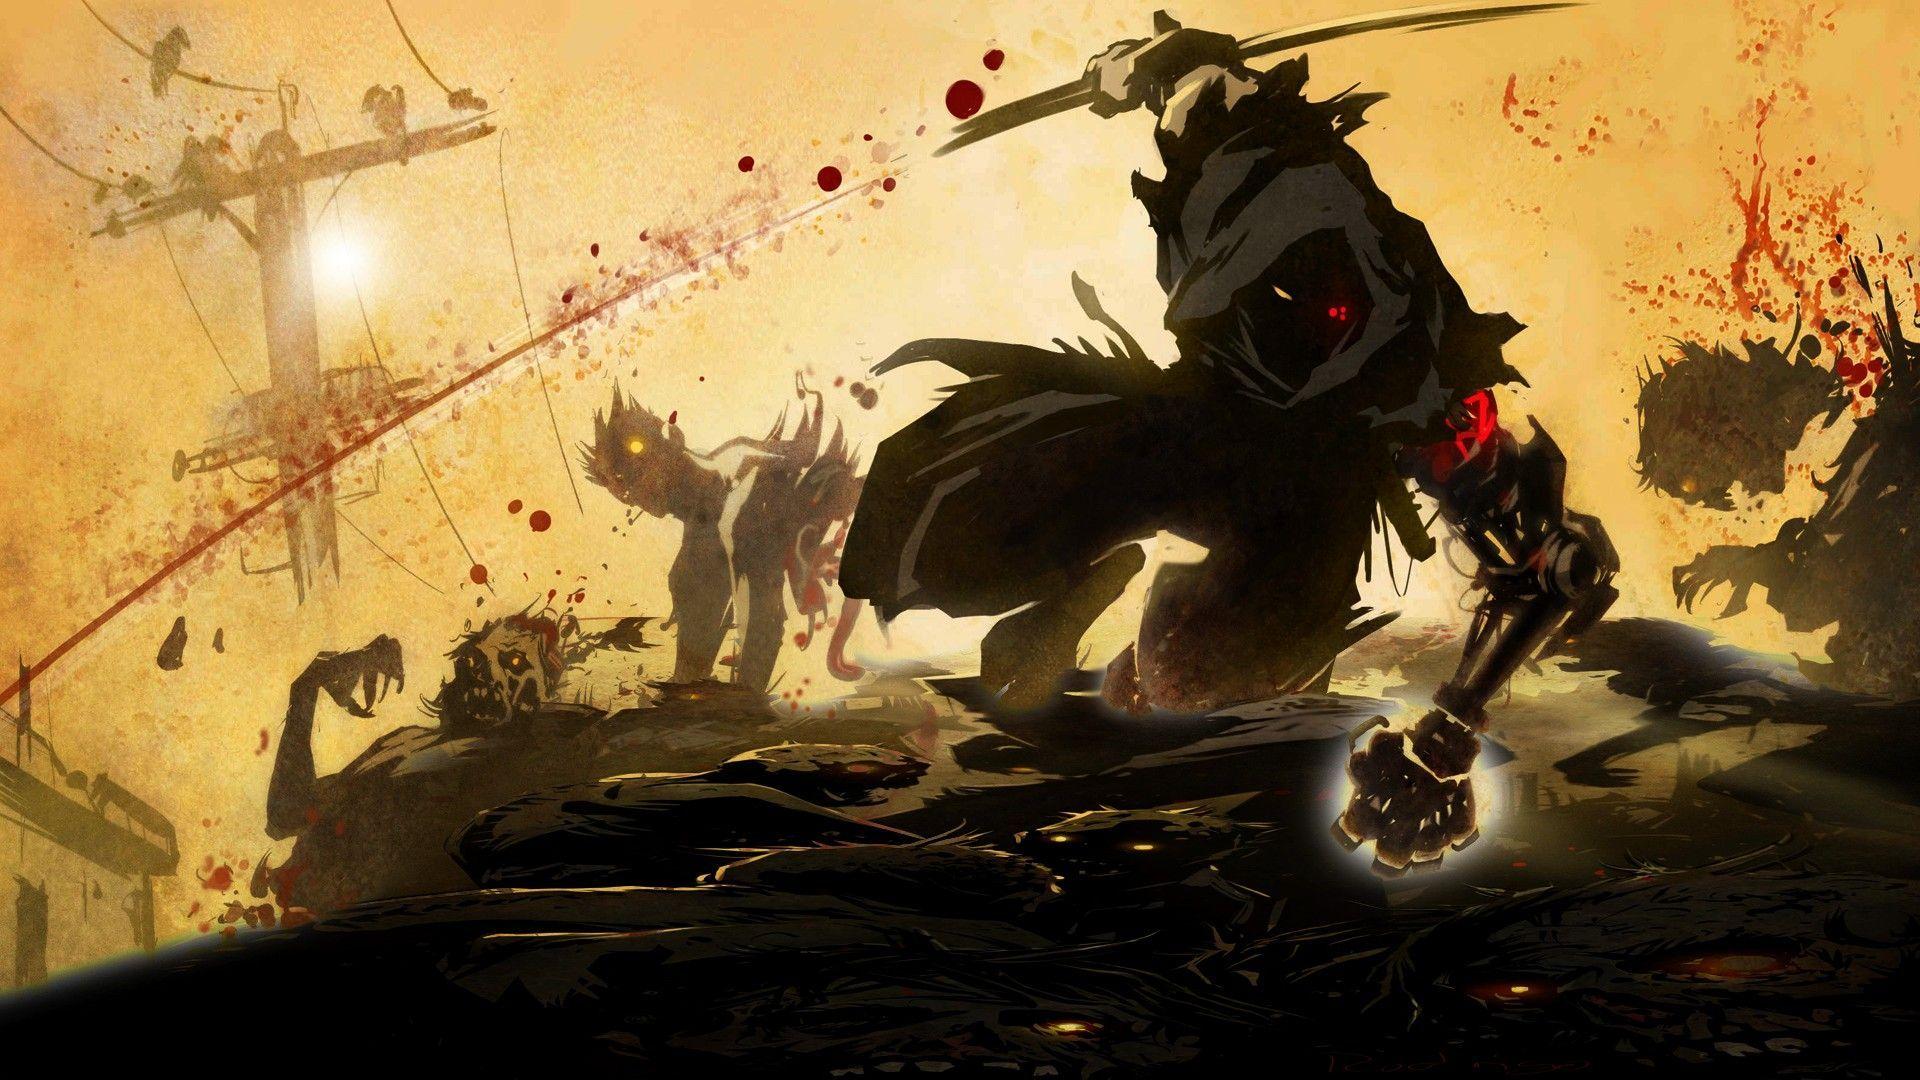 Anime Ninja Wallpapers   Top Anime Ninja Backgrounds 1920x1080